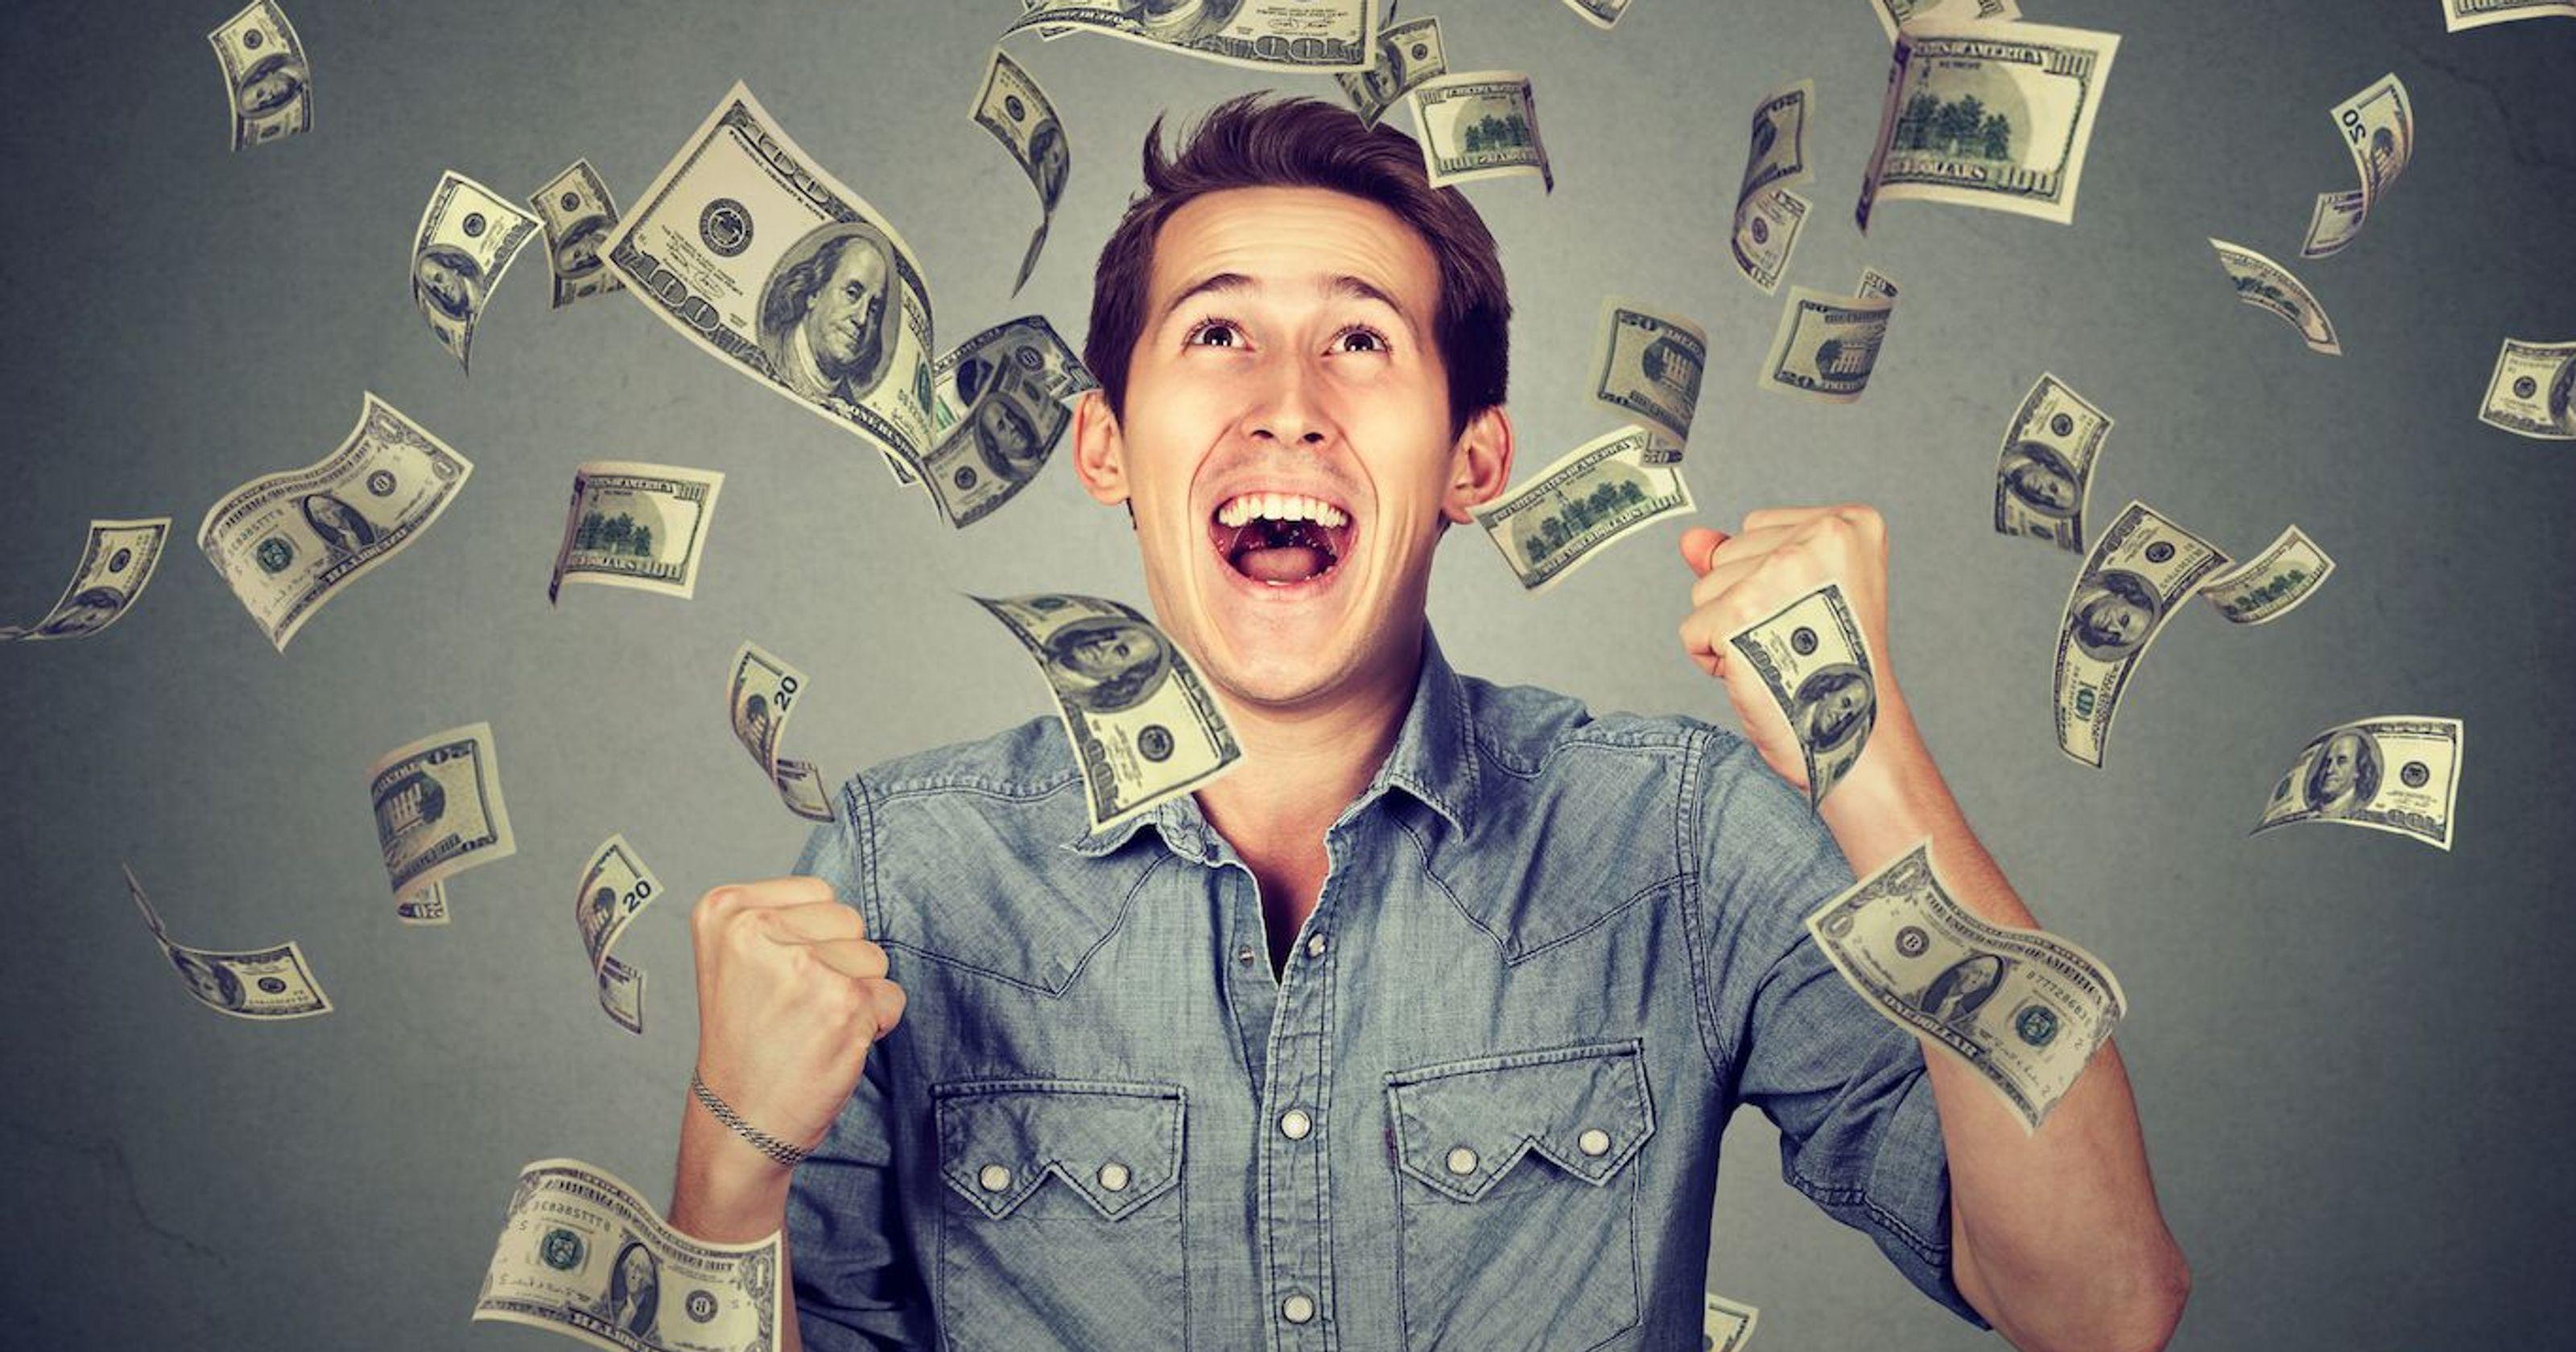 Bonus ta 'Iskrizzjoni: $ bonus ta' depożitu ta 'XNUMx fuq l-ewwel depożiti 1250 fil-Casino Action